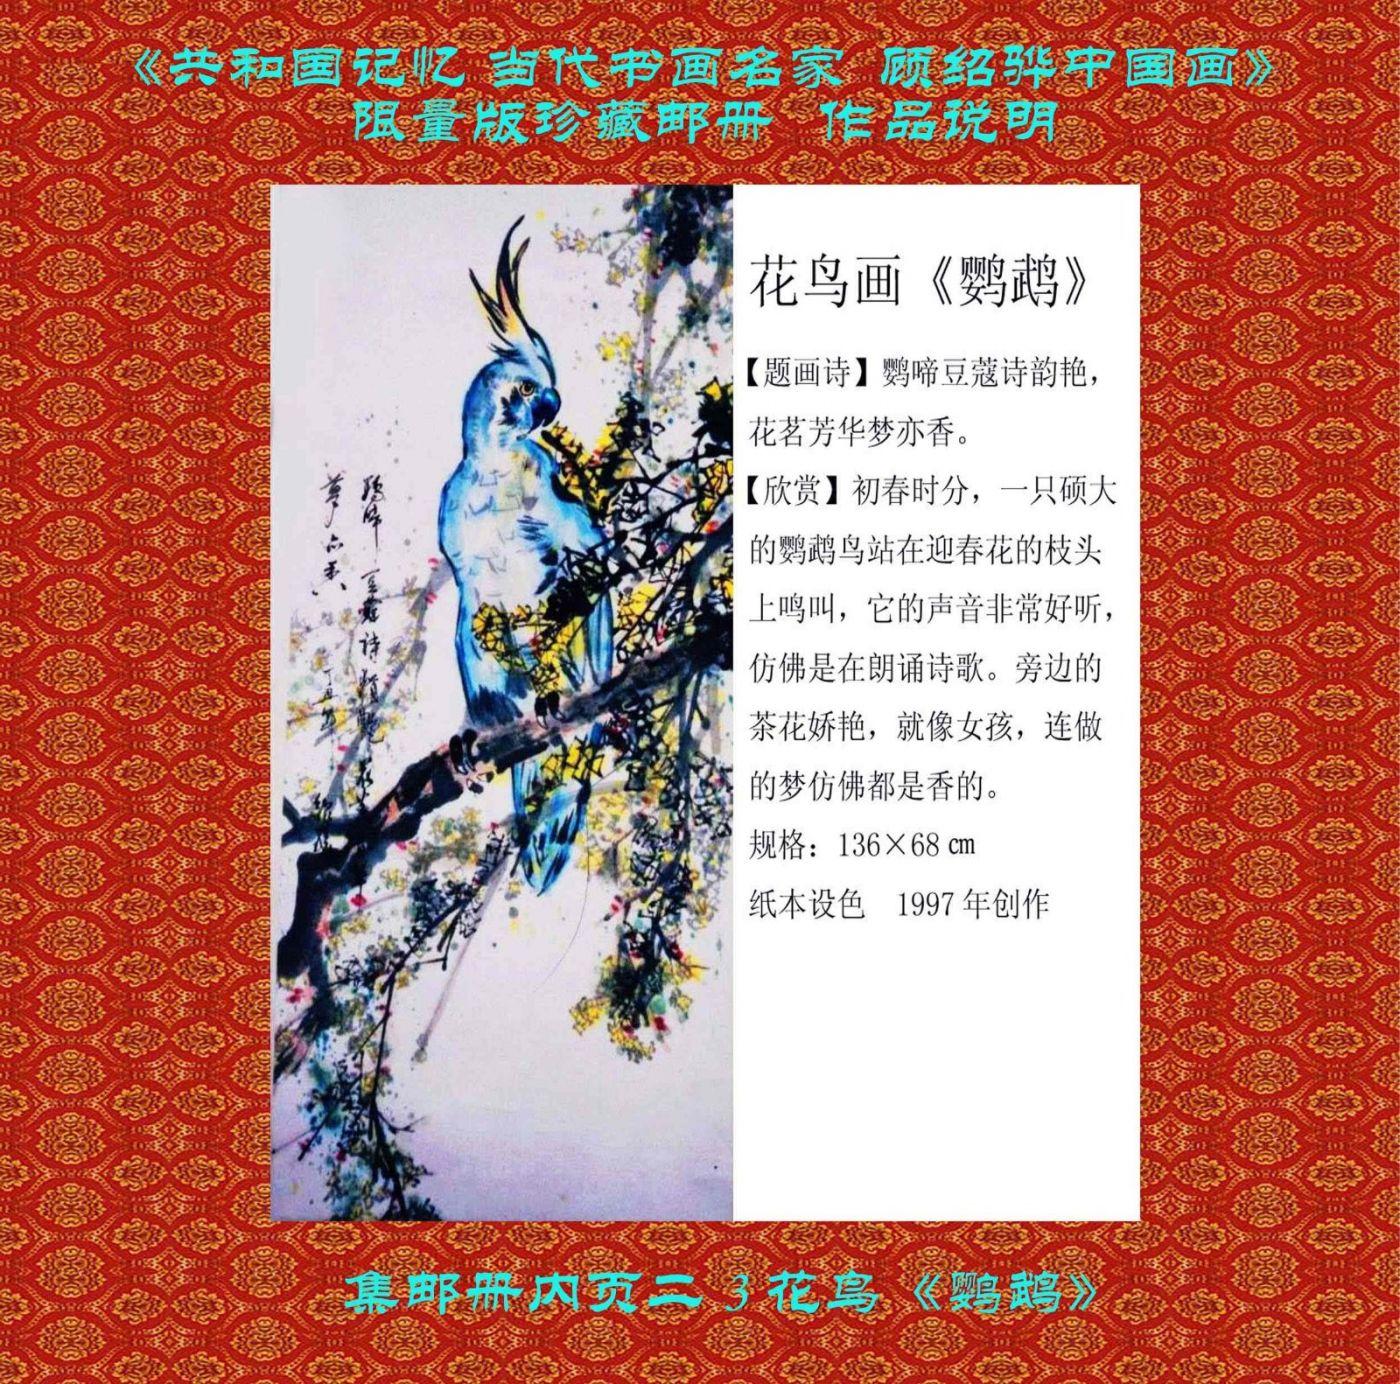 """""""顾绍骅的诗情画意""""入选《共和国记忆 ·中国书画艺术名家》限量版集邮珍藏册 ..._图1-6"""